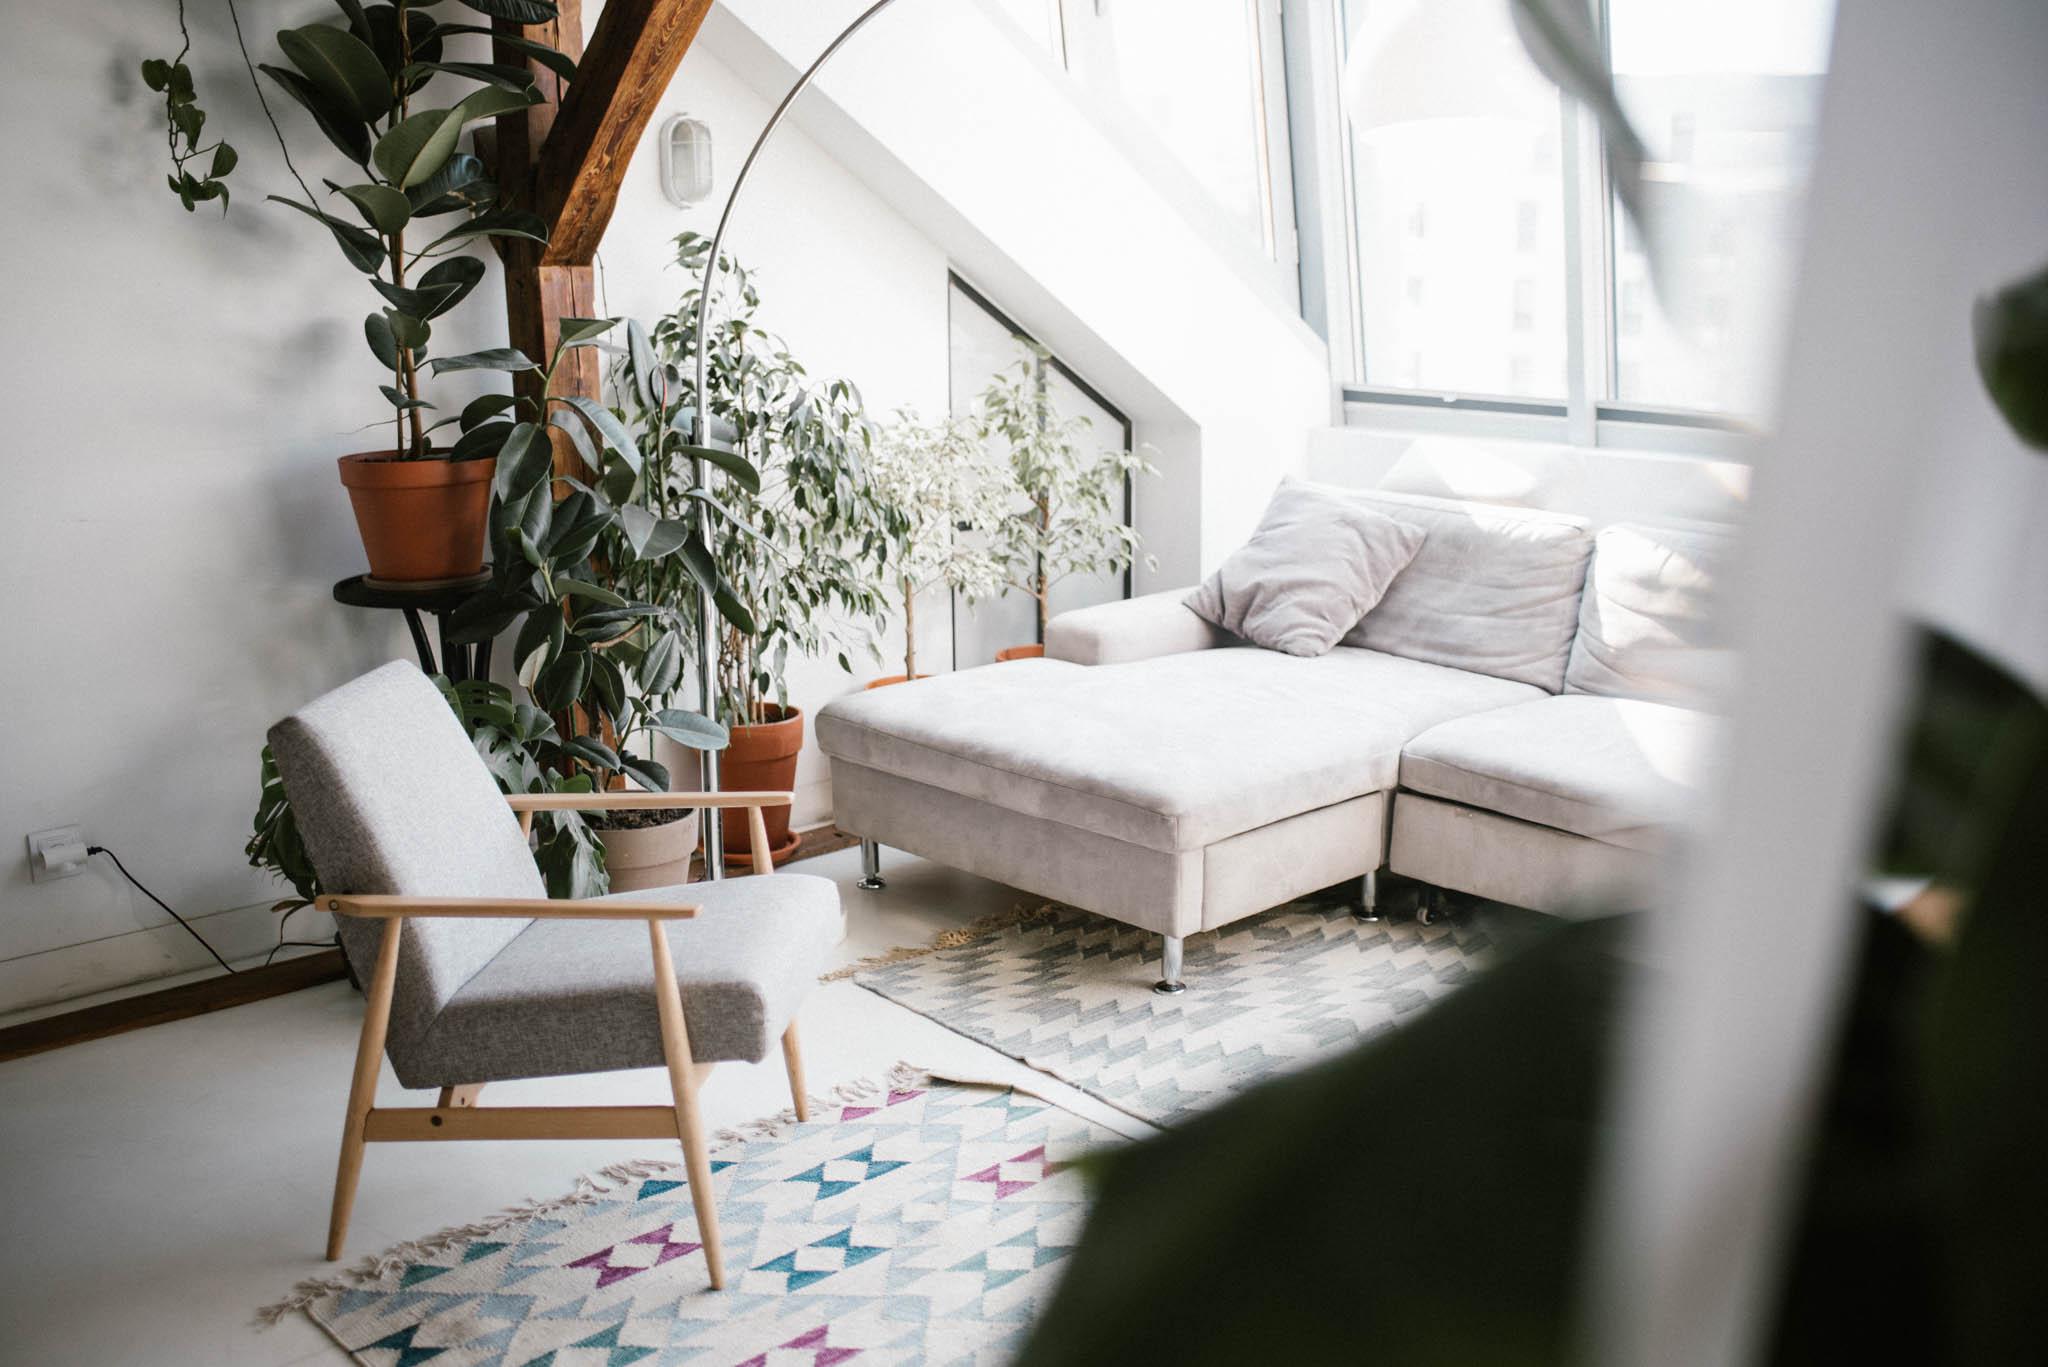 Salon w industrialnym stylu, fotel i sofa - sesja miłosna lifestyle Poznań Pani Woźna